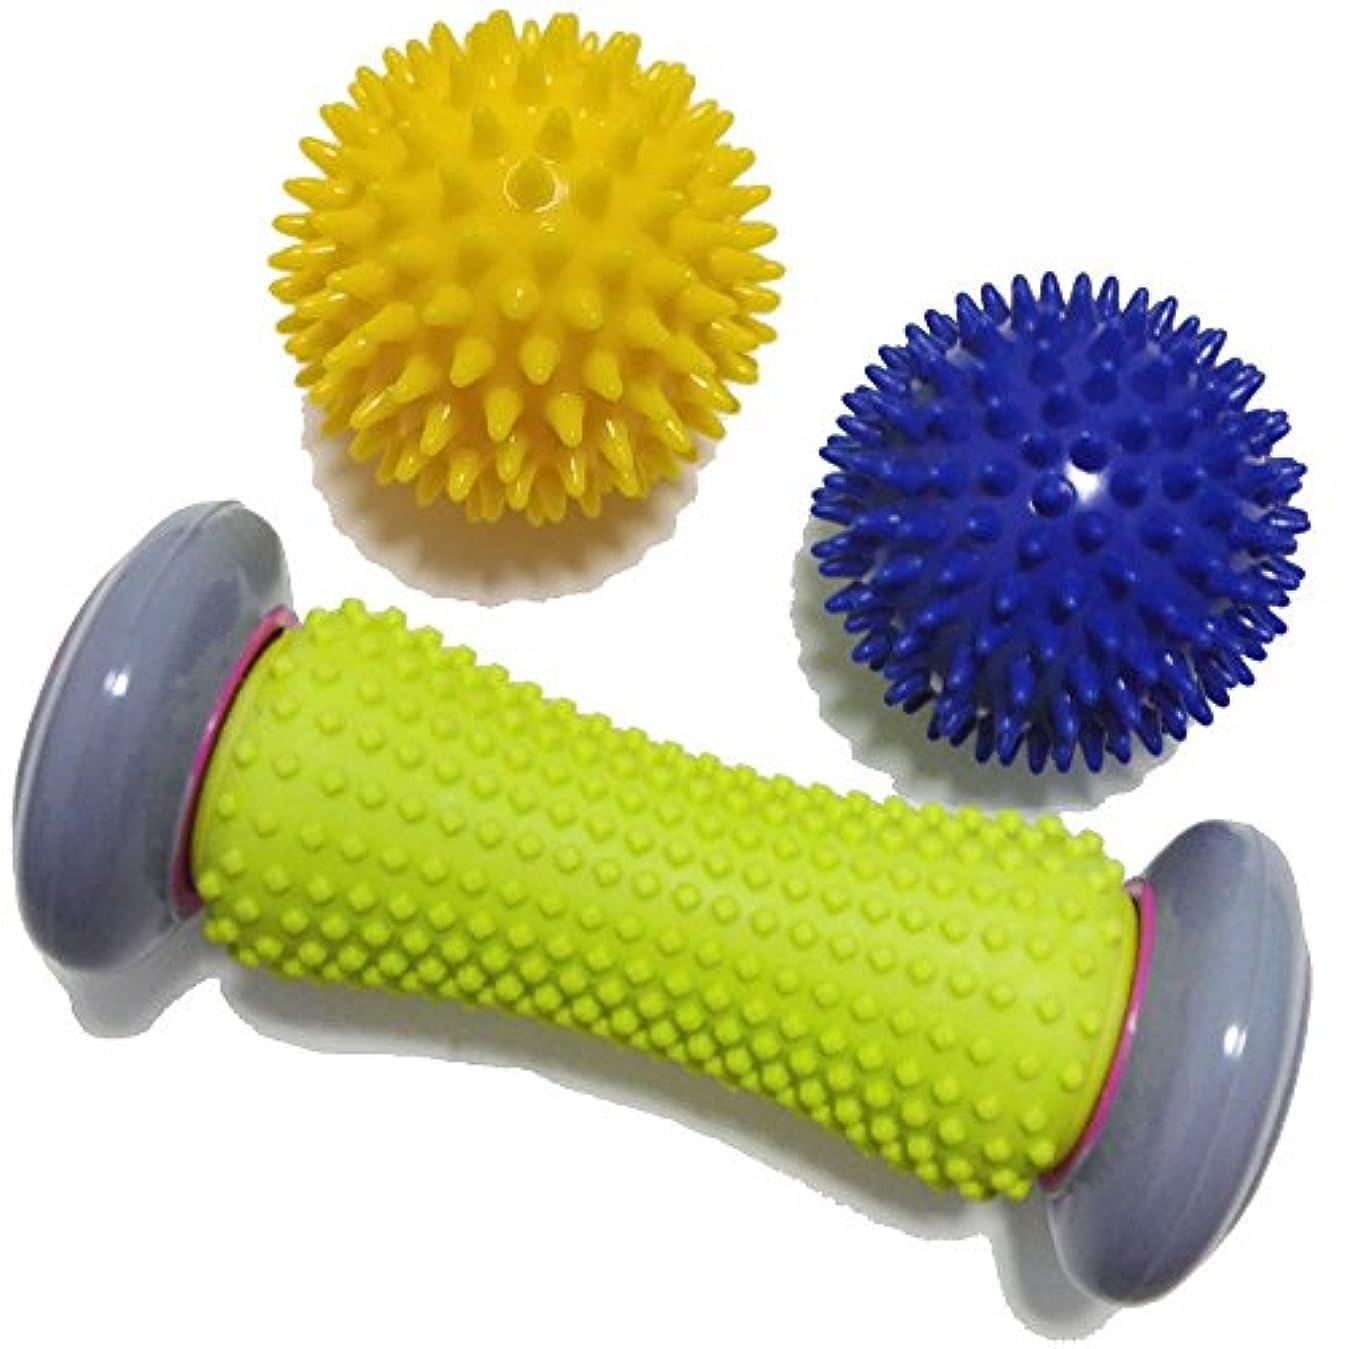 環境に優しい活気づけるインゲンフットローラー&スパイキーマッサージボール - トリガーポイントセラピー(リラクゼーション)足底筋膜炎とリフレクソロジーマッサージ - ディープティッシュアクアレーシックPLAリラックスフットバックレッグハンドタイトマッスル...